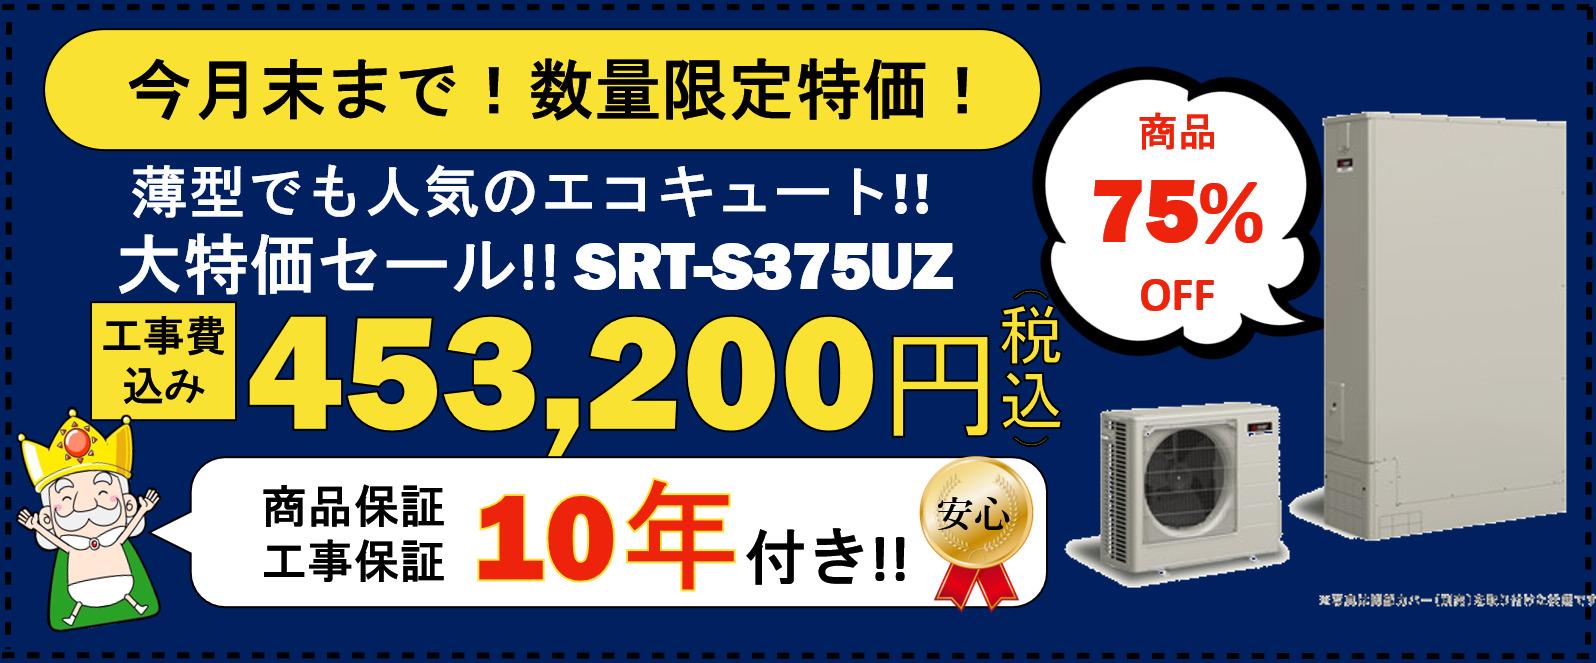 薄型でも人気のエコキュート!!大特価セール!!SRT-S375UZ 商品保証、工事保証10年付き!! 工事費込み453,200円(税込)